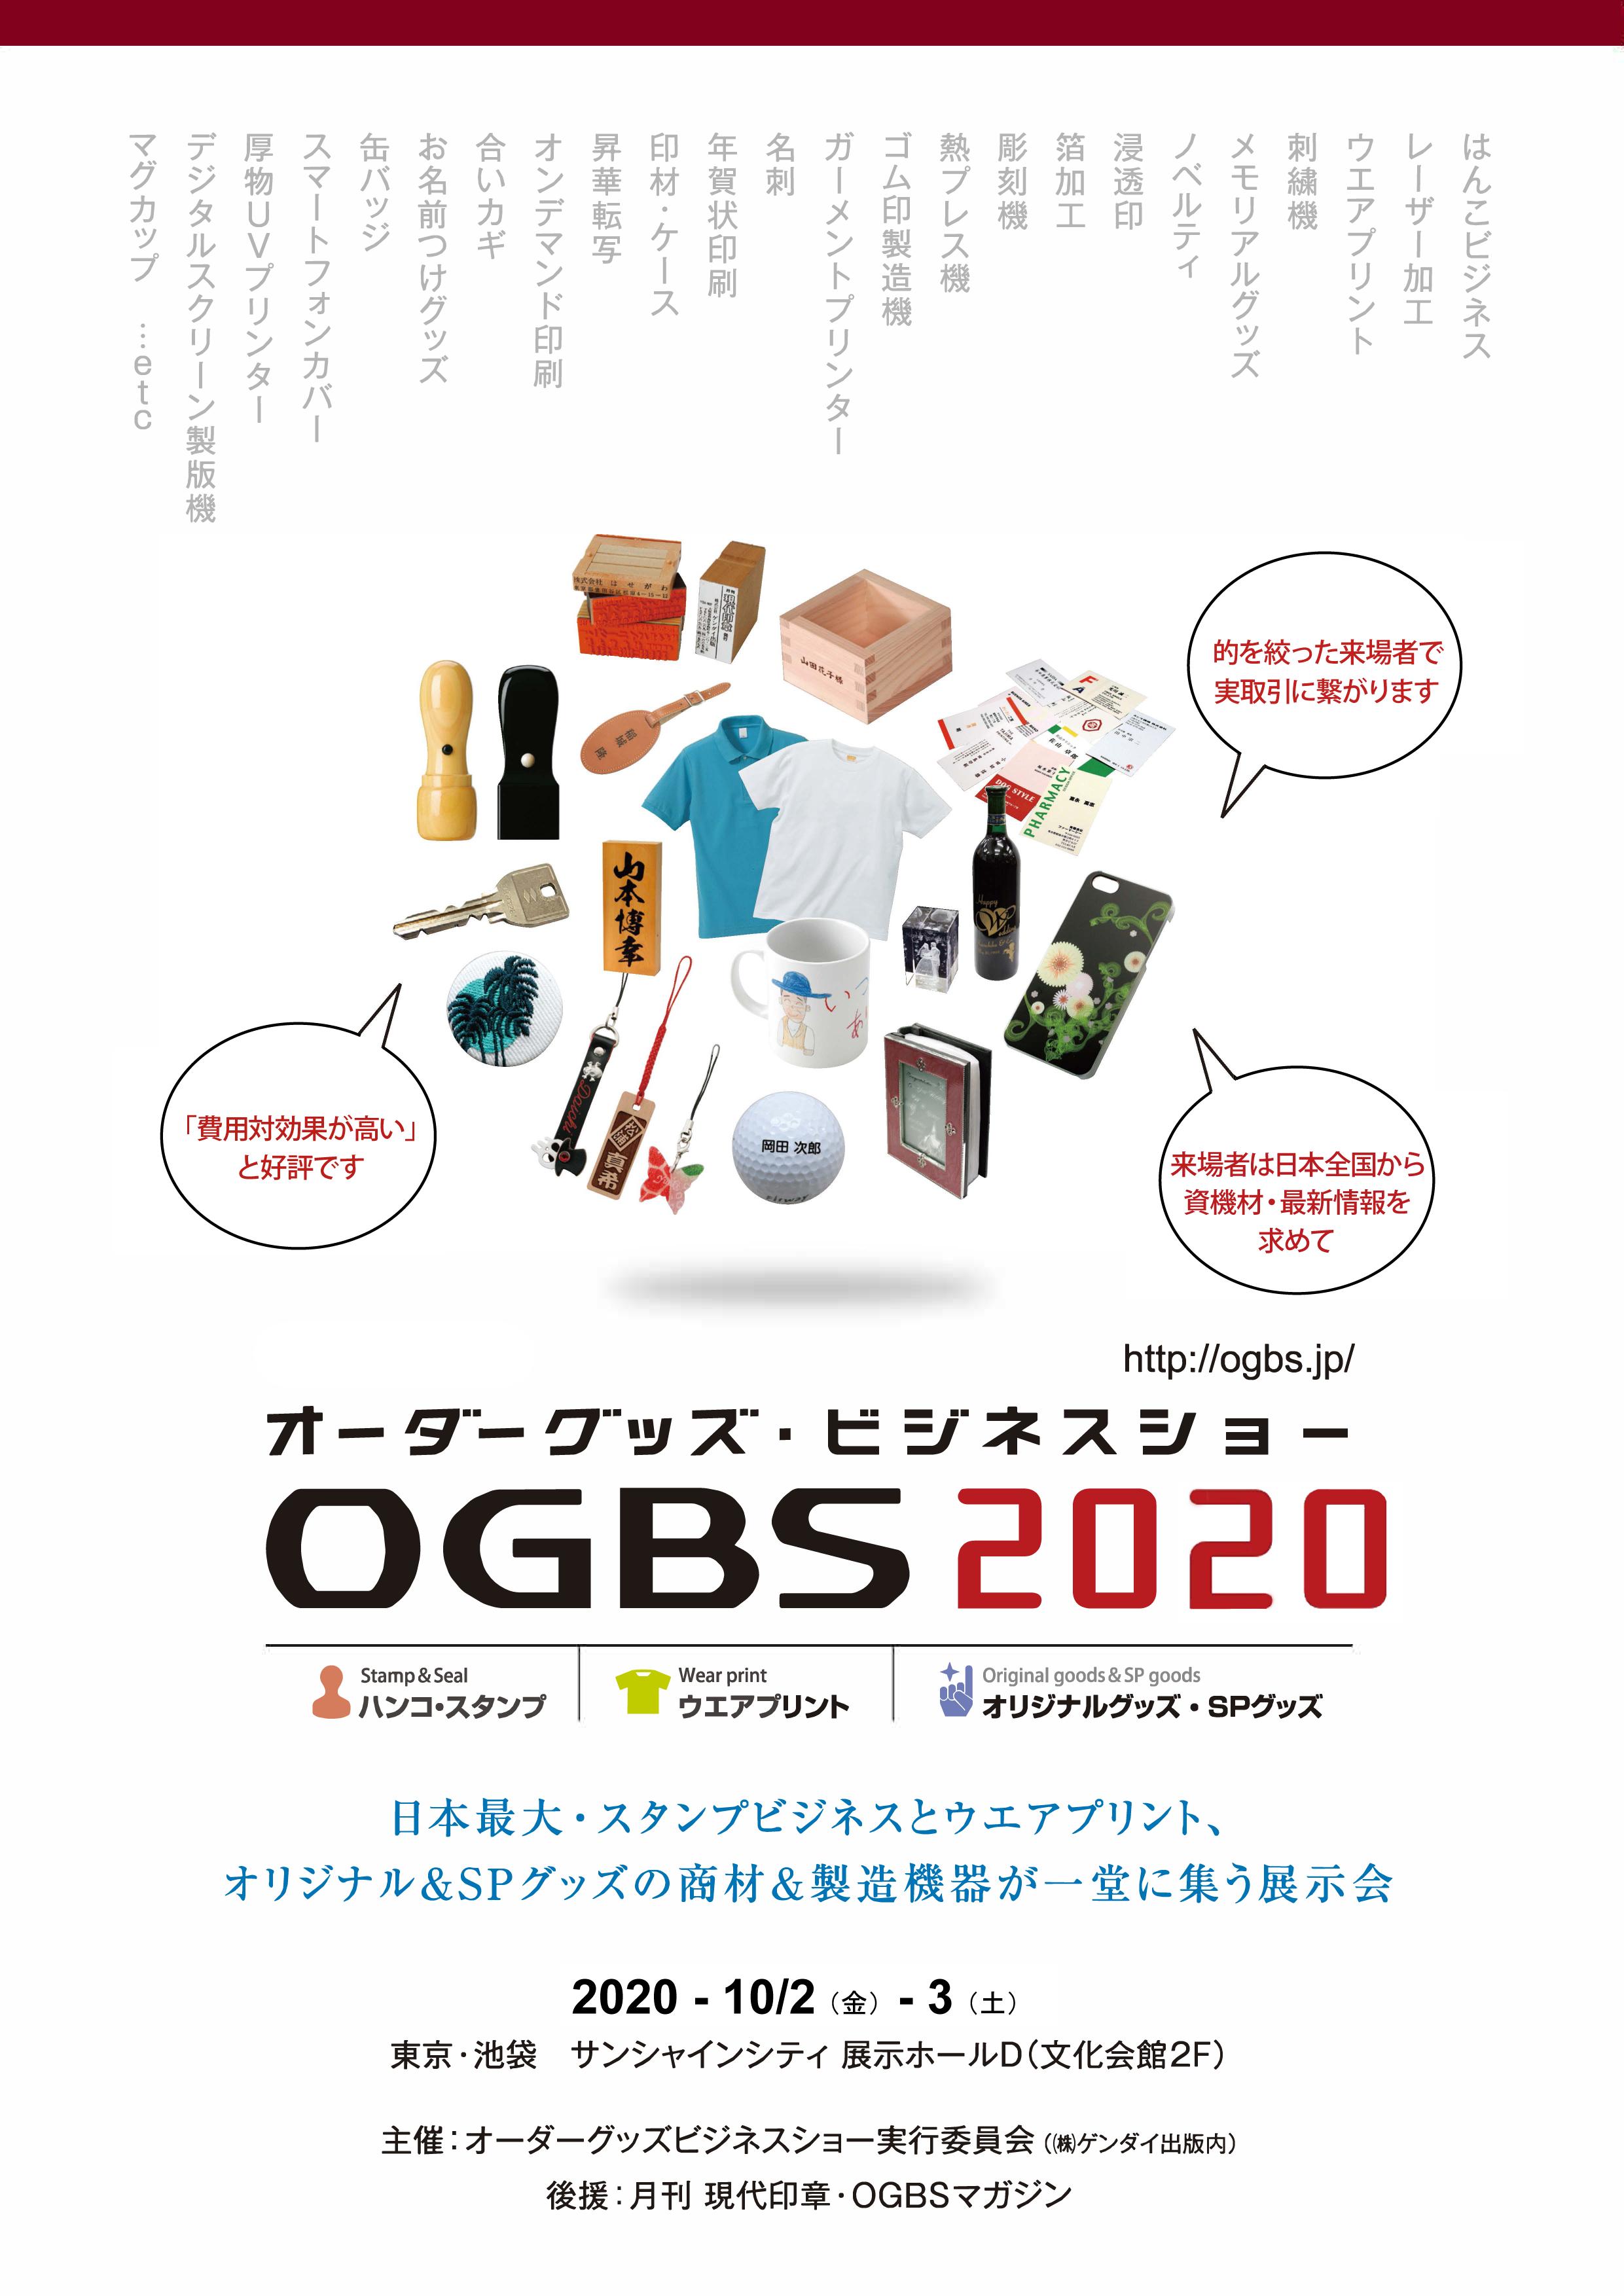 オーダーグッズ・ビジネスショー2020 出展